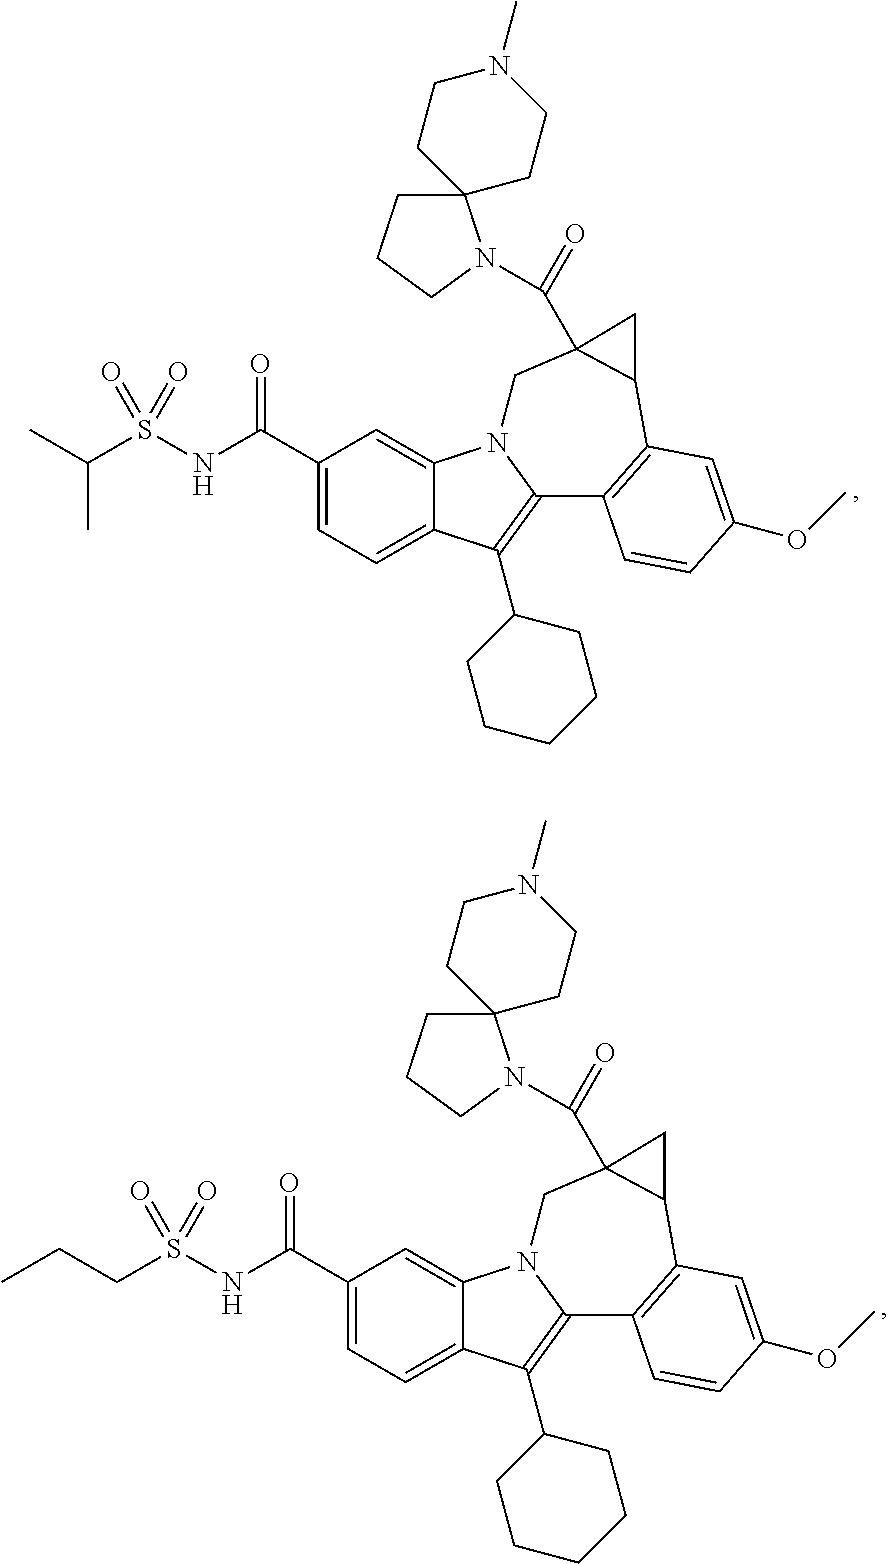 Figure US08124601-20120228-C00140